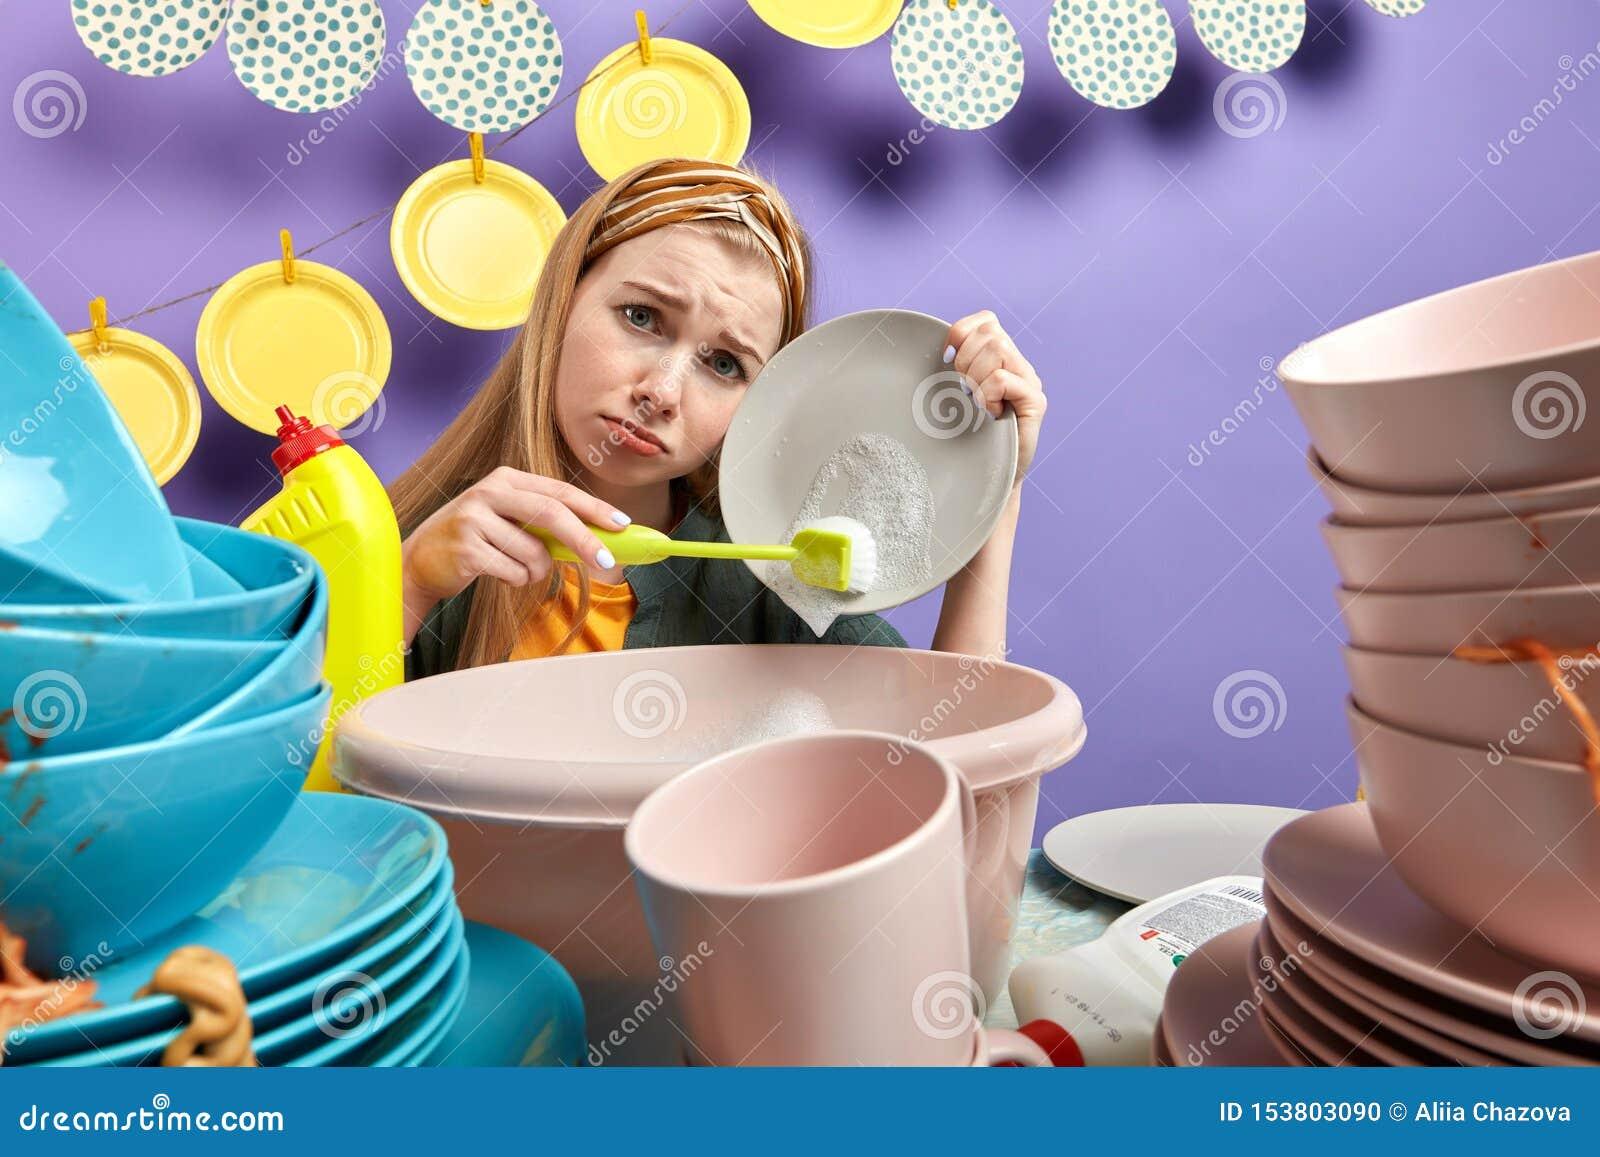 Feds tristes de fille vers le haut du nettoyage et du lavage dans la cuisine avec le mur bleu